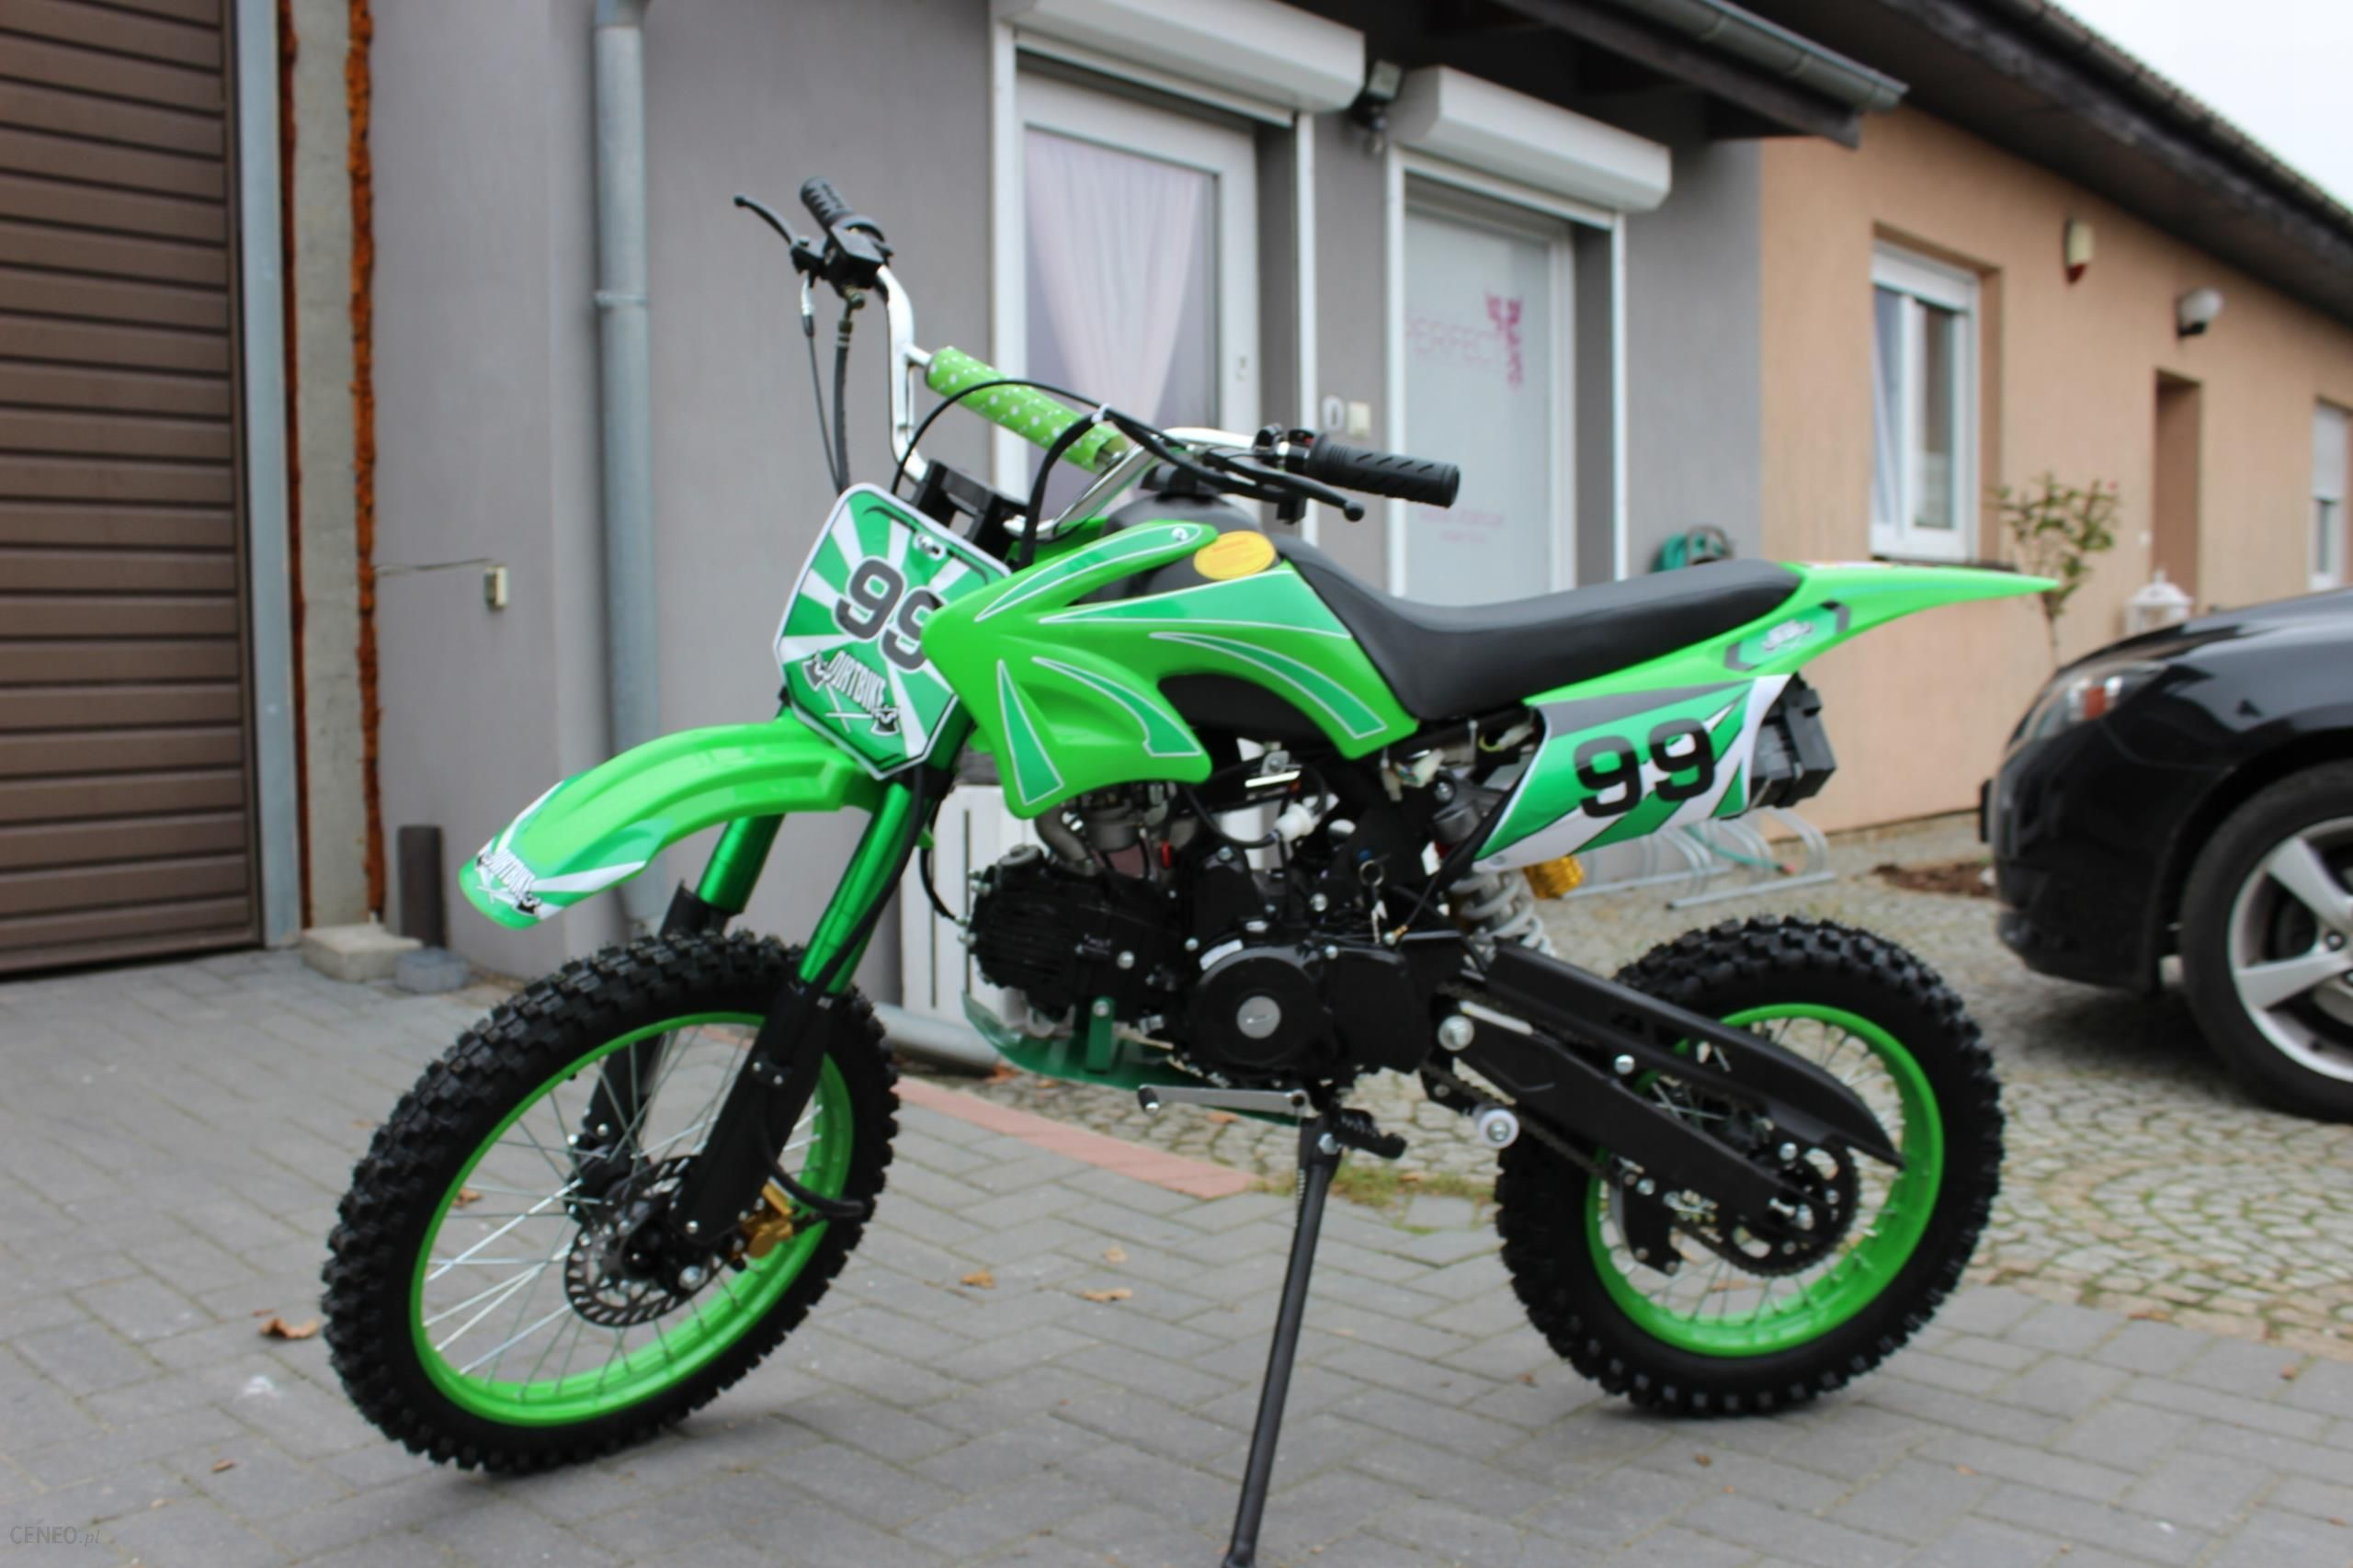 Cross 125 Cc Sport Loncin 2020 Wysylka Gwarancja Opinie I Ceny Na Ceneo Pl